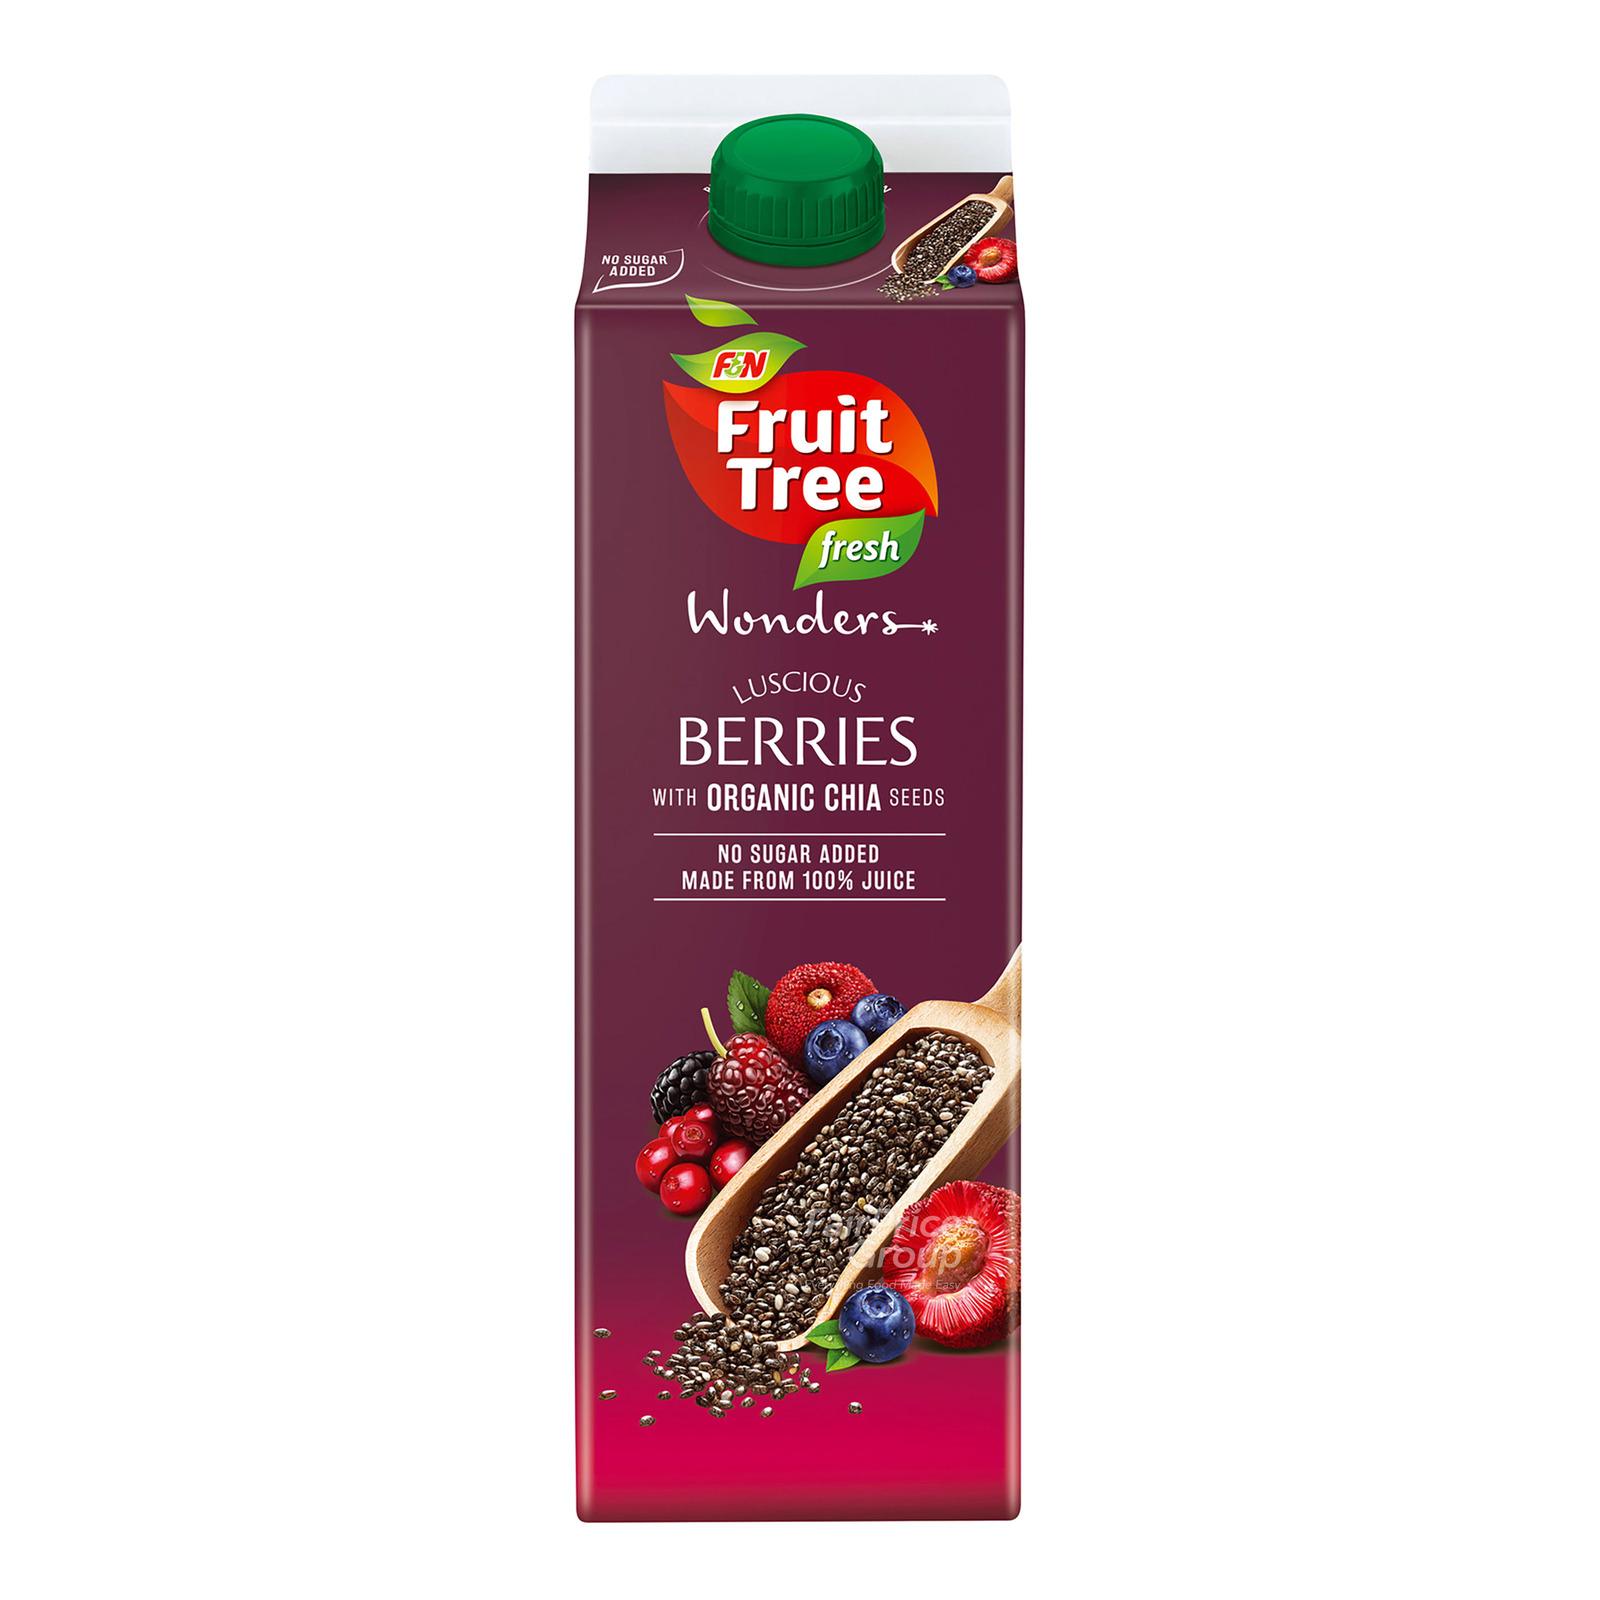 F&N Fruit Tree Fresh Wonders Juice  - Berries & Chia Seeds